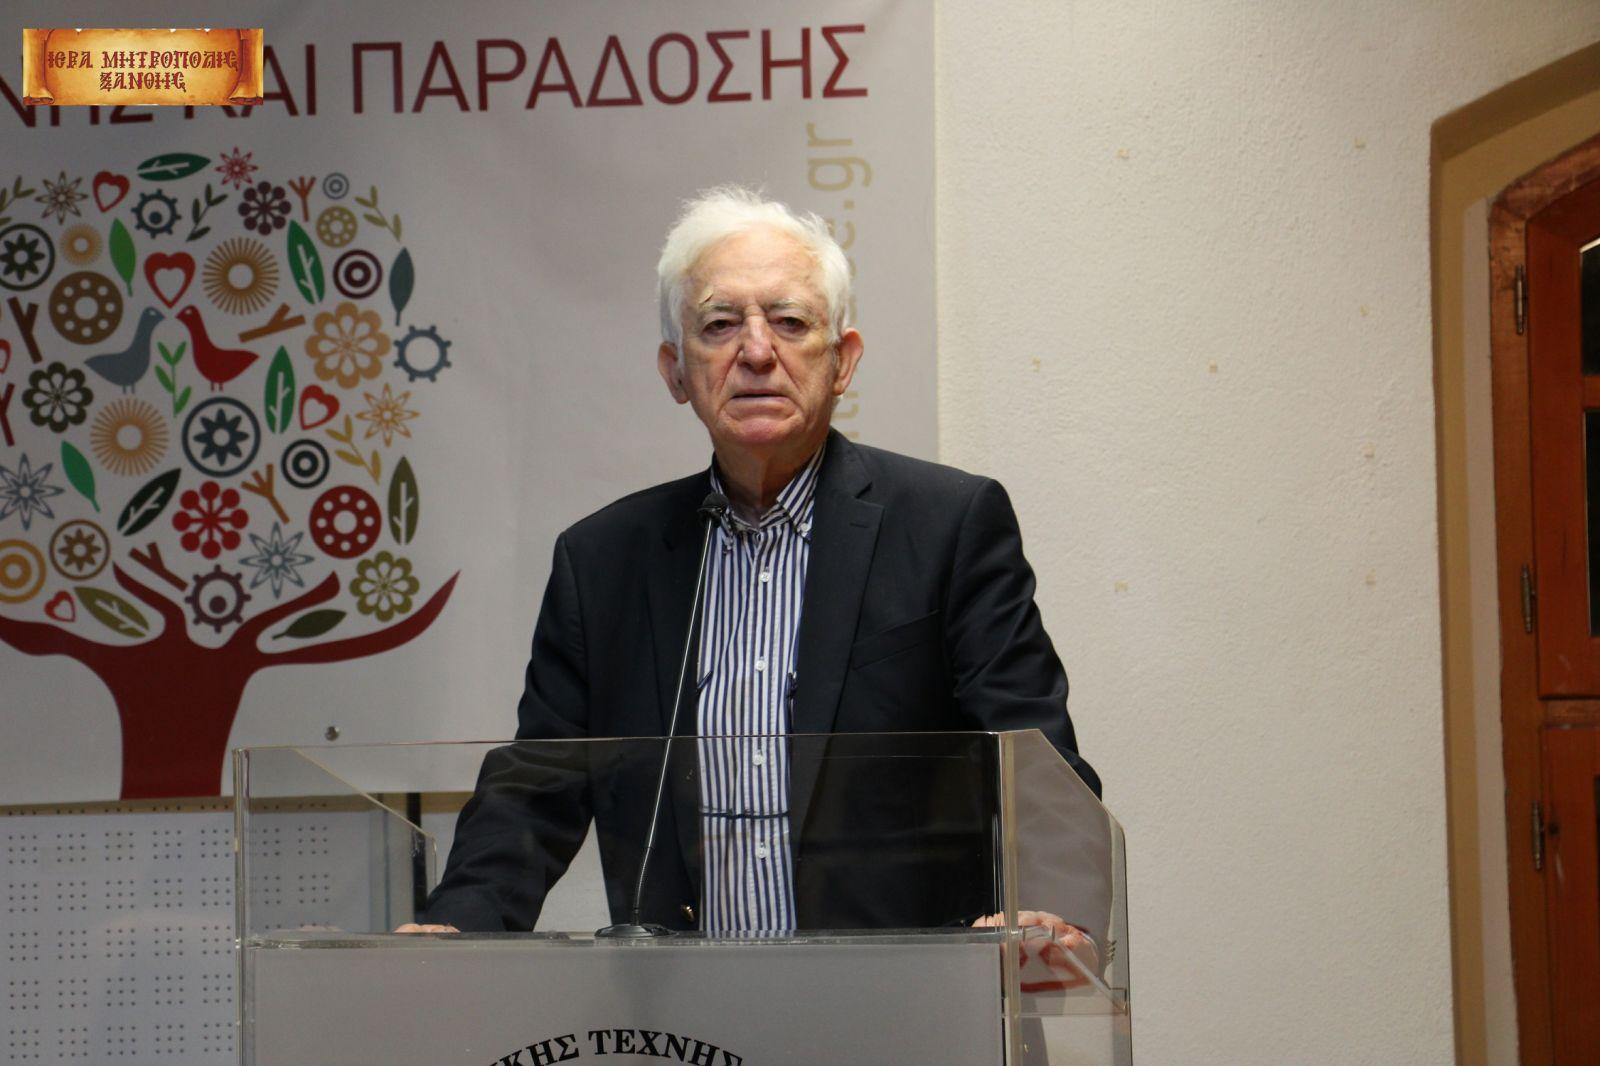 Ξάνθη: Η ομιλία του Καραμπελιά για τον «Τουρκικό Επεκτατισμό» - ΒΙΝΤΕΟ